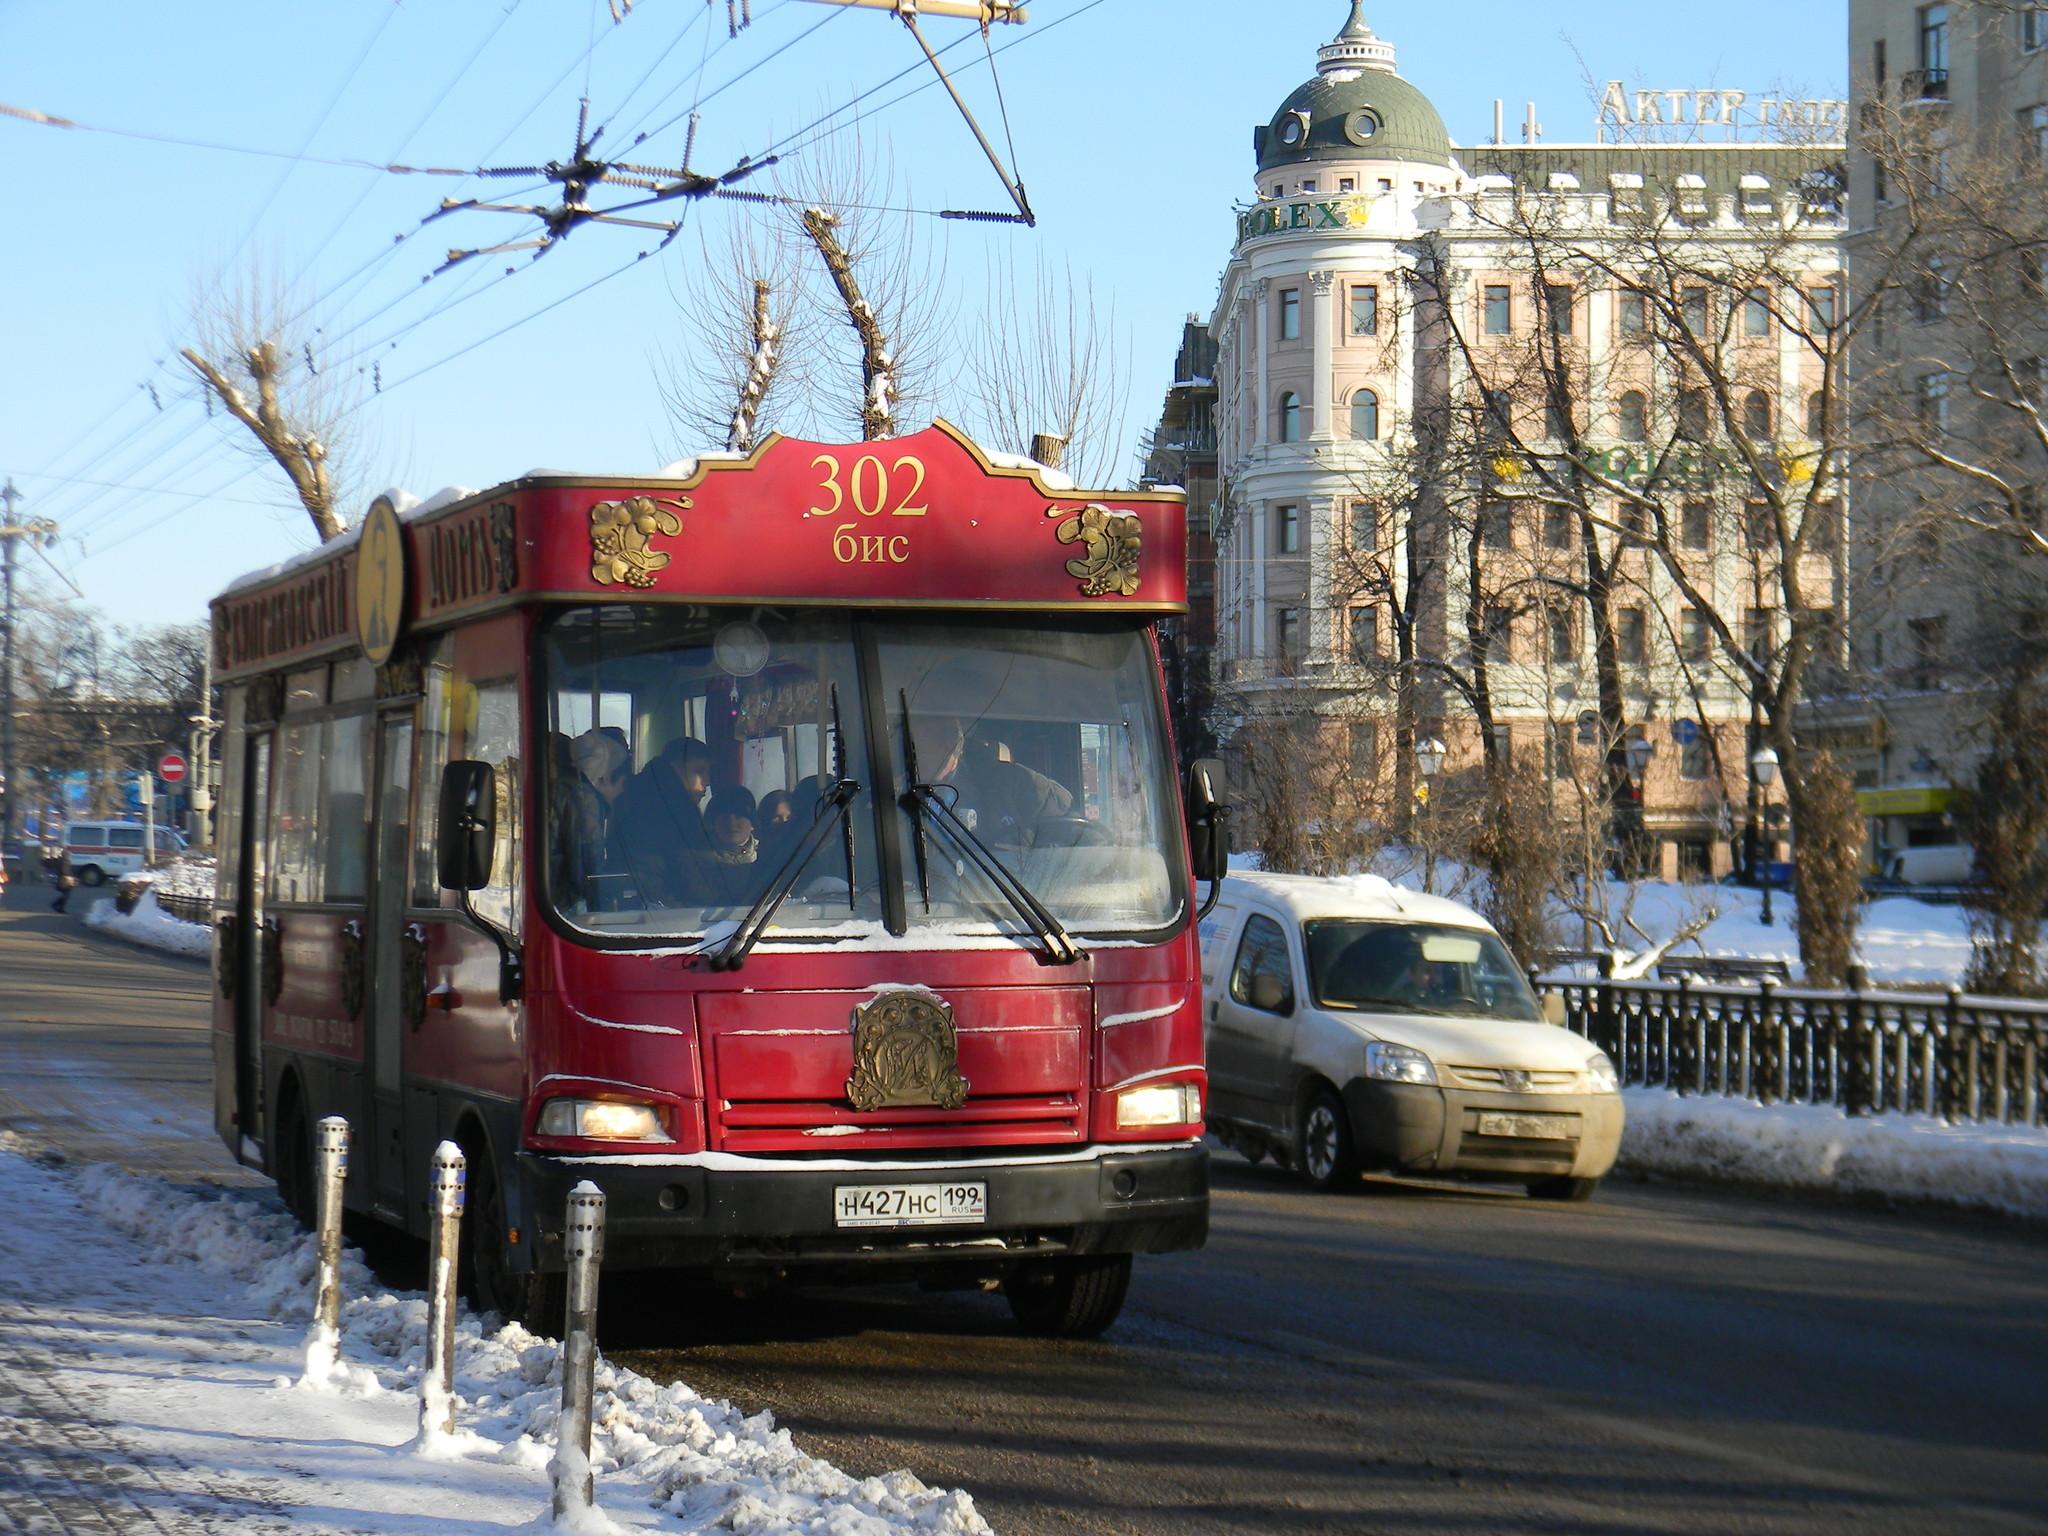 Автобус 302 бис музея-театра «Булгаковский Дом»